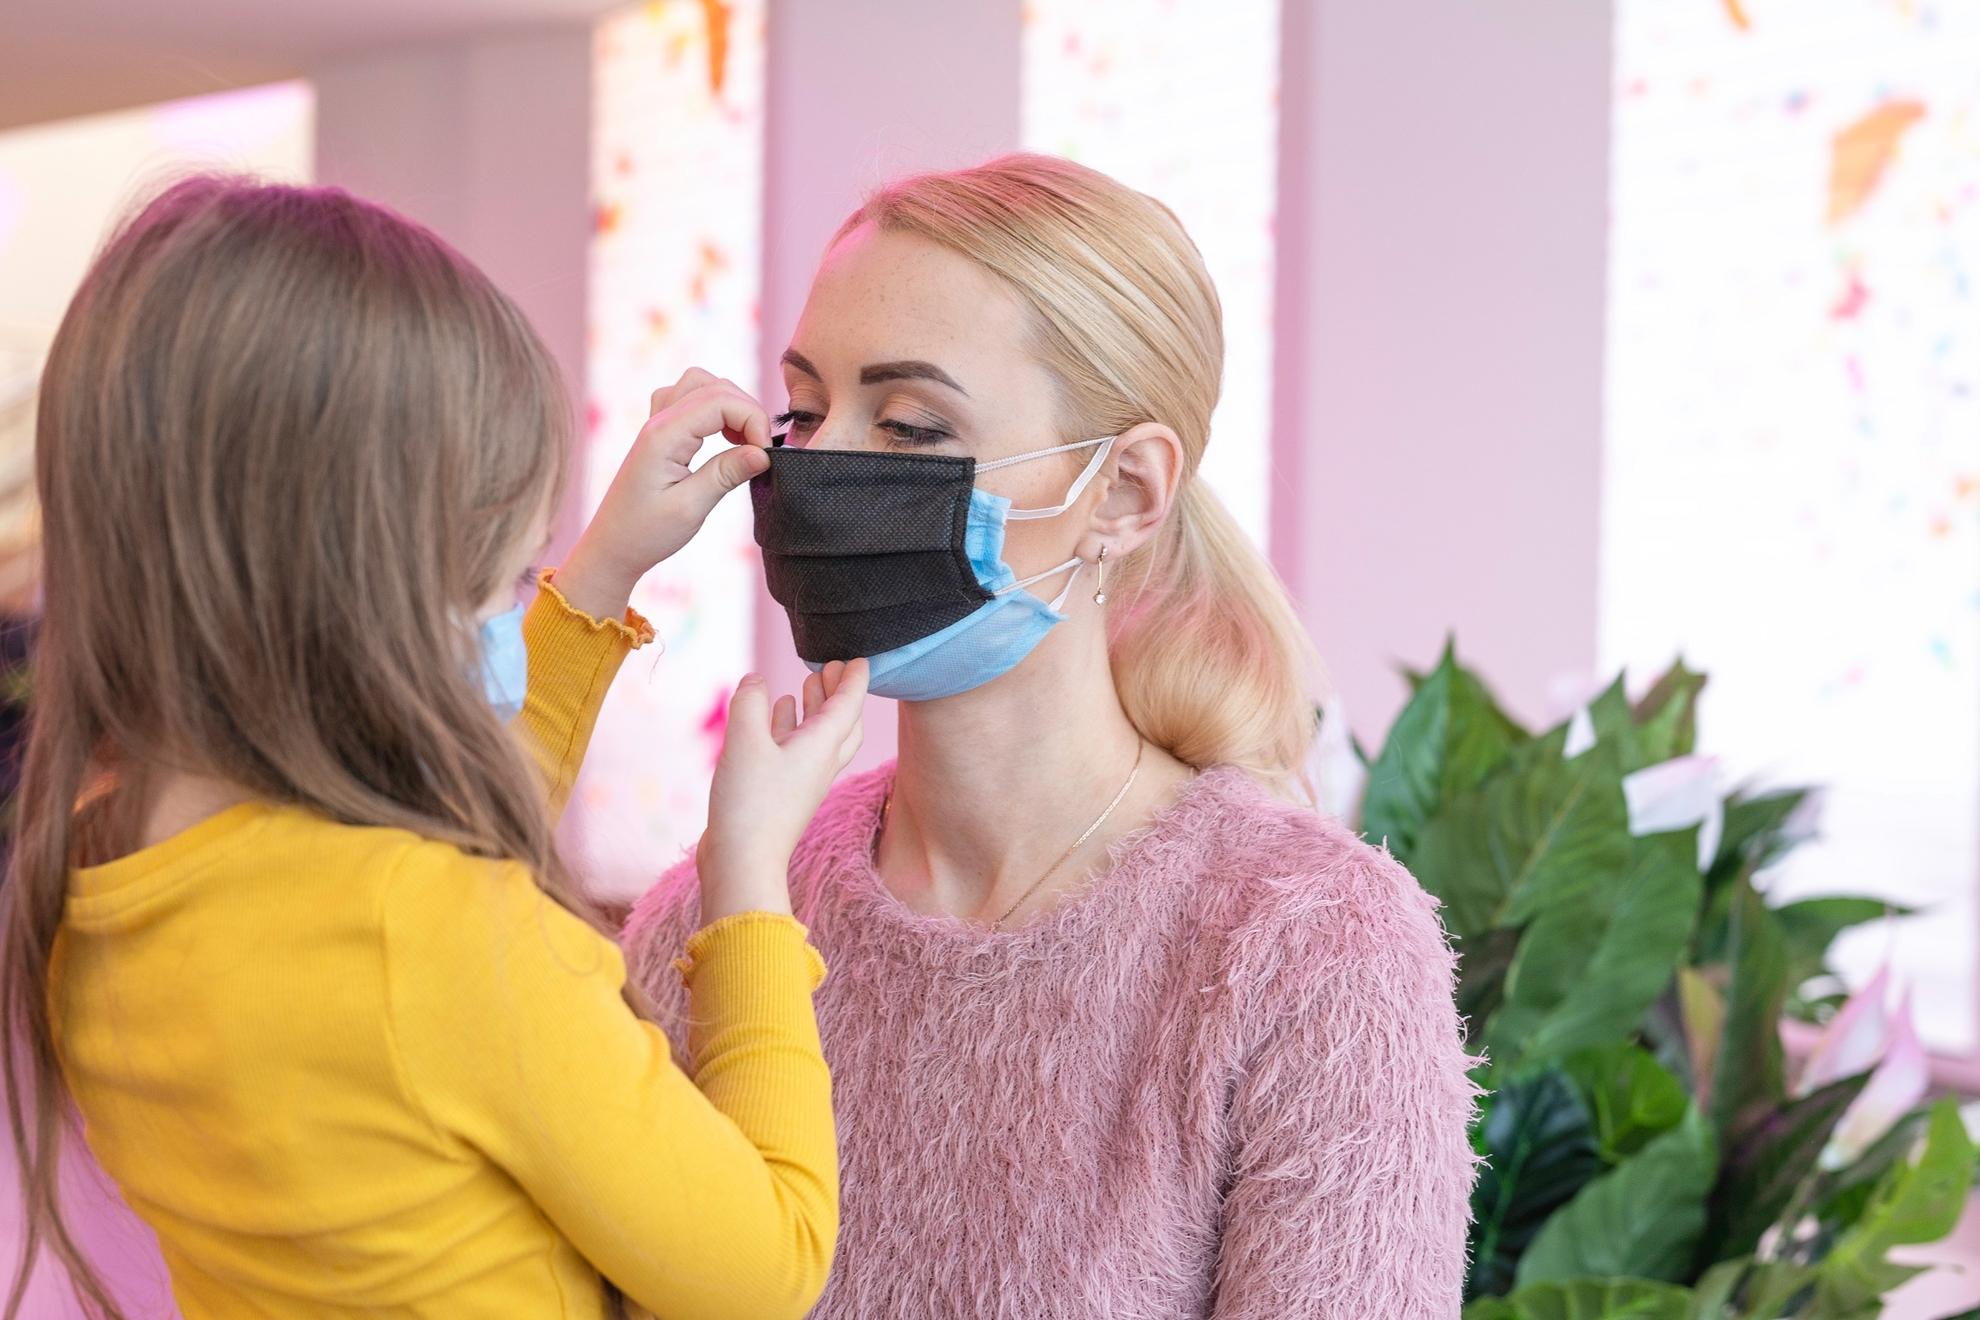 Μάσκα ή μάσκες: ιδού η απορία